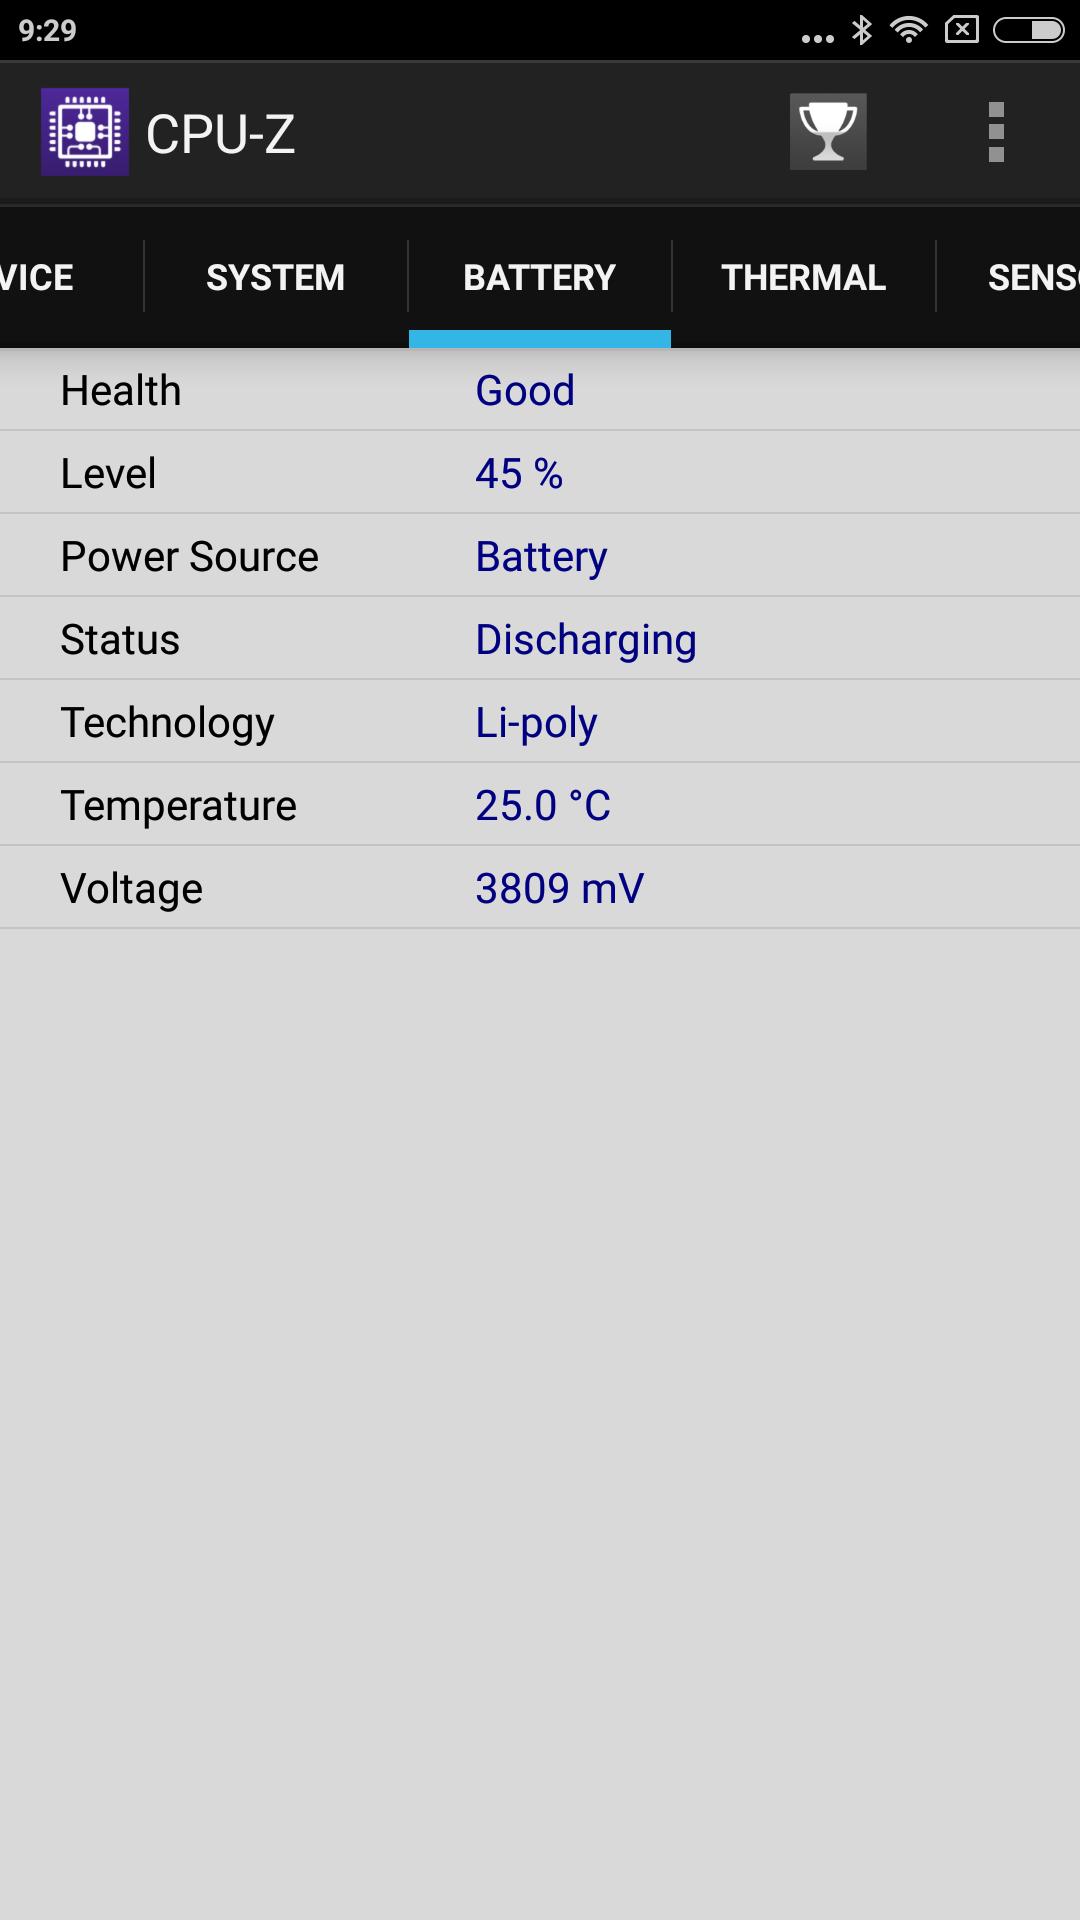 Xiaomi Redmi Note 4X CPU-Z Battery